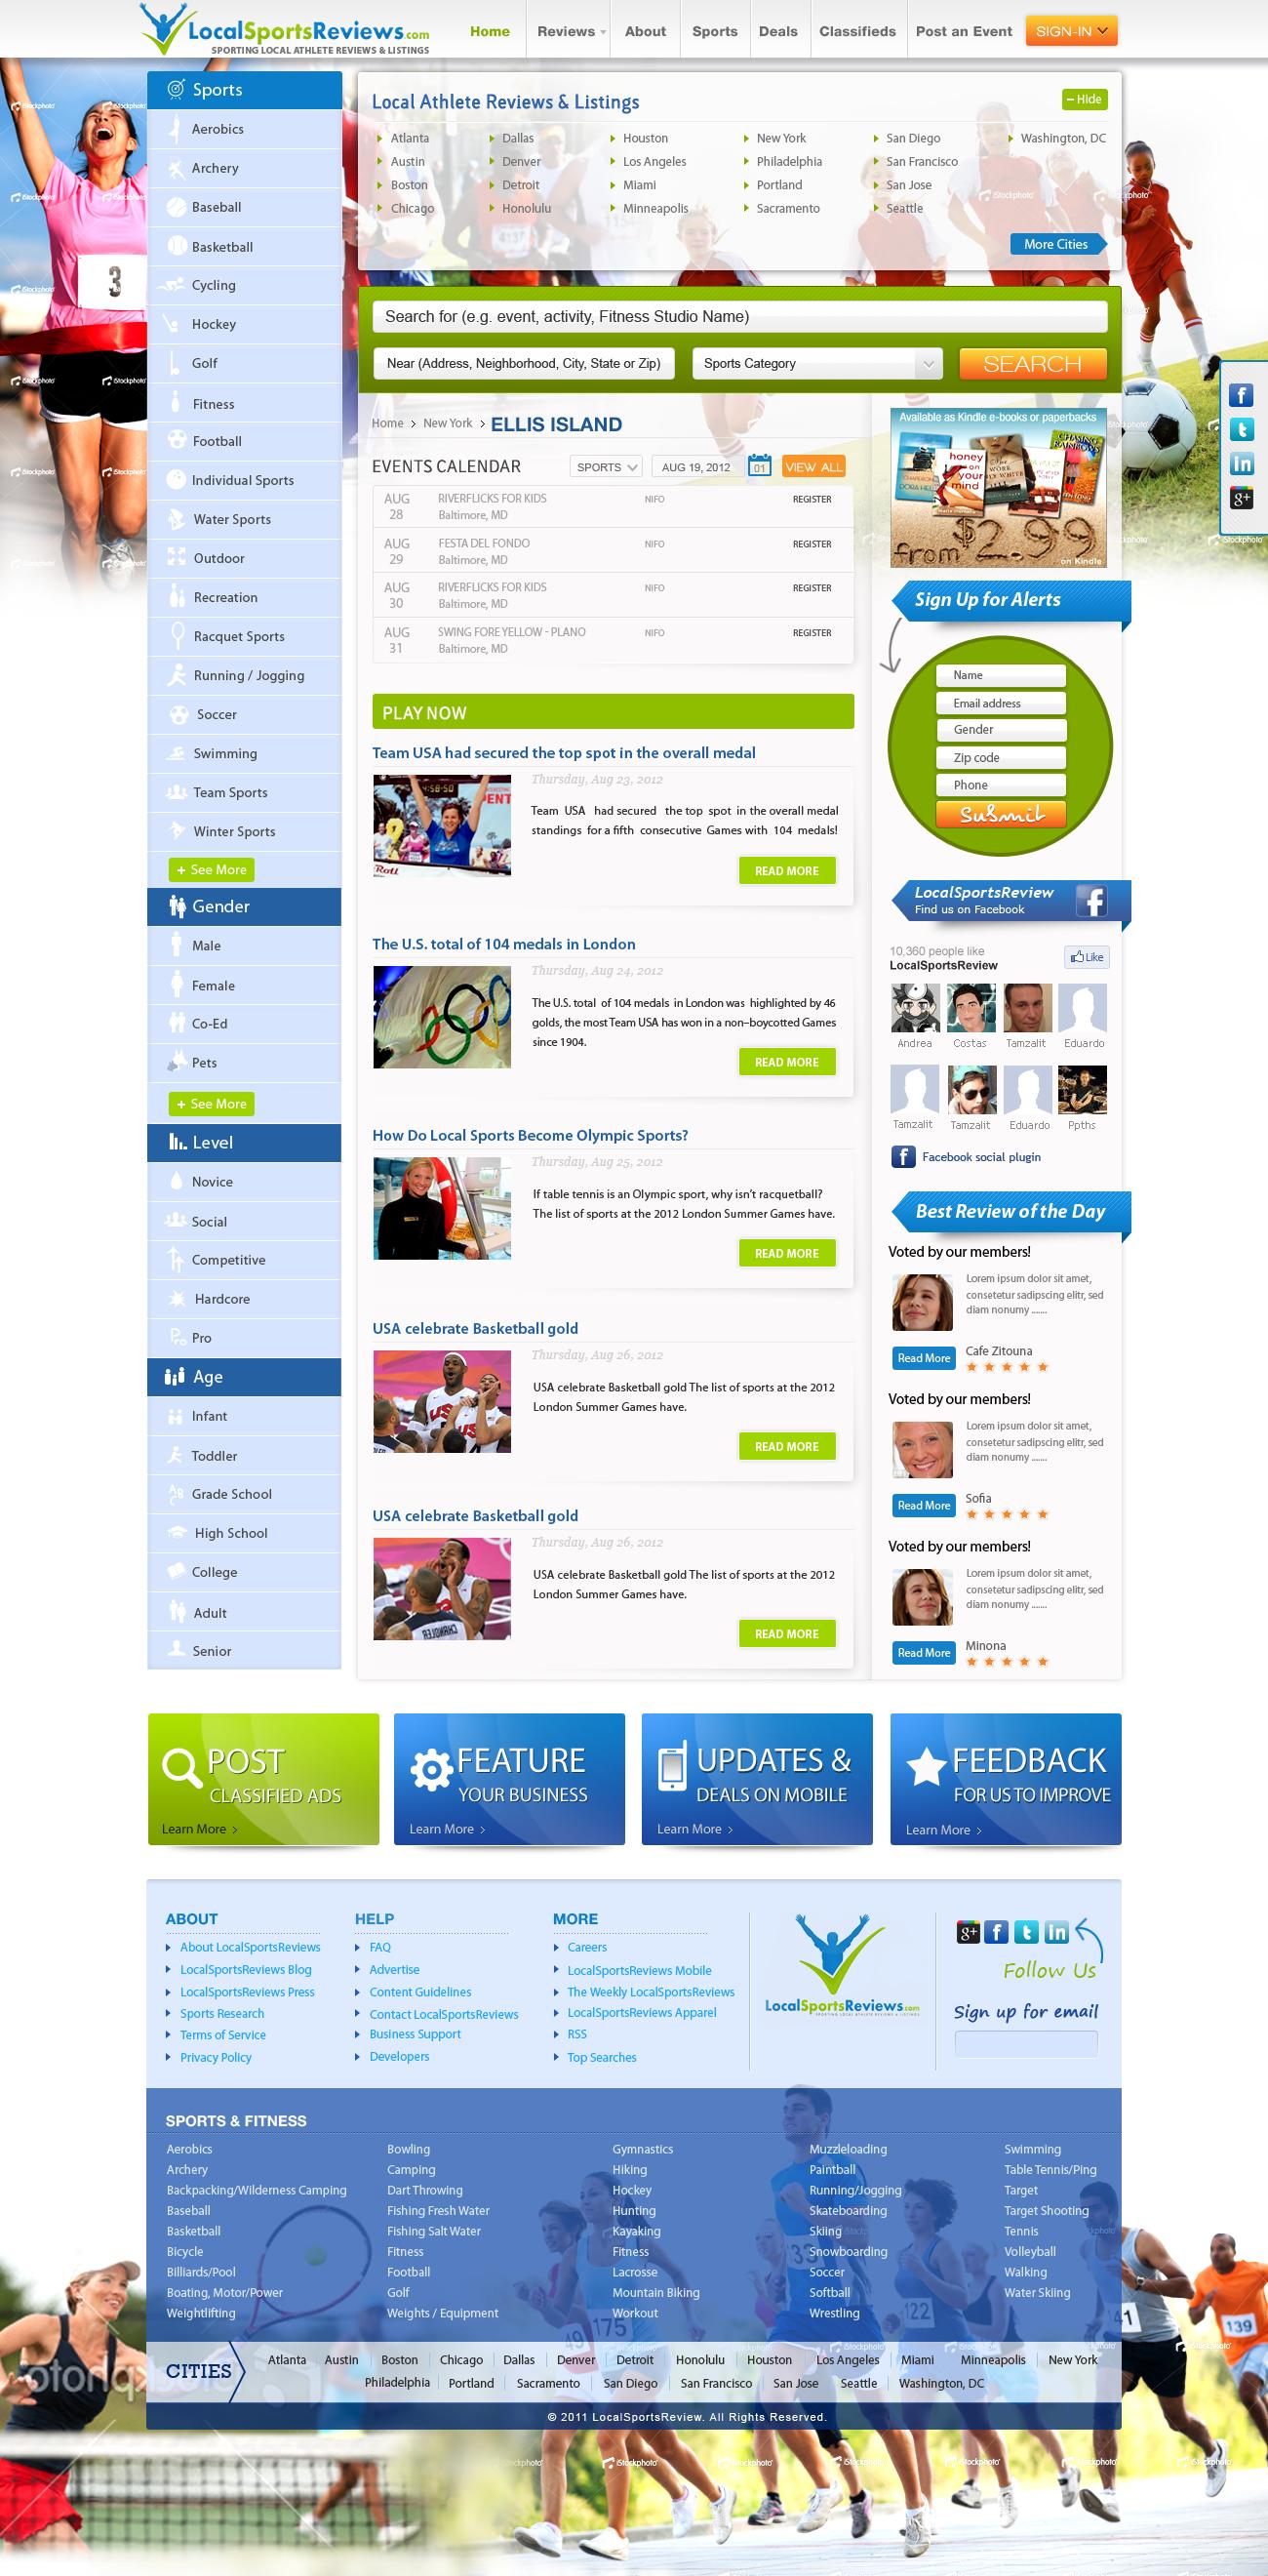 LocalSportsReviews.com (the yelp.com for sports) needs a new website design